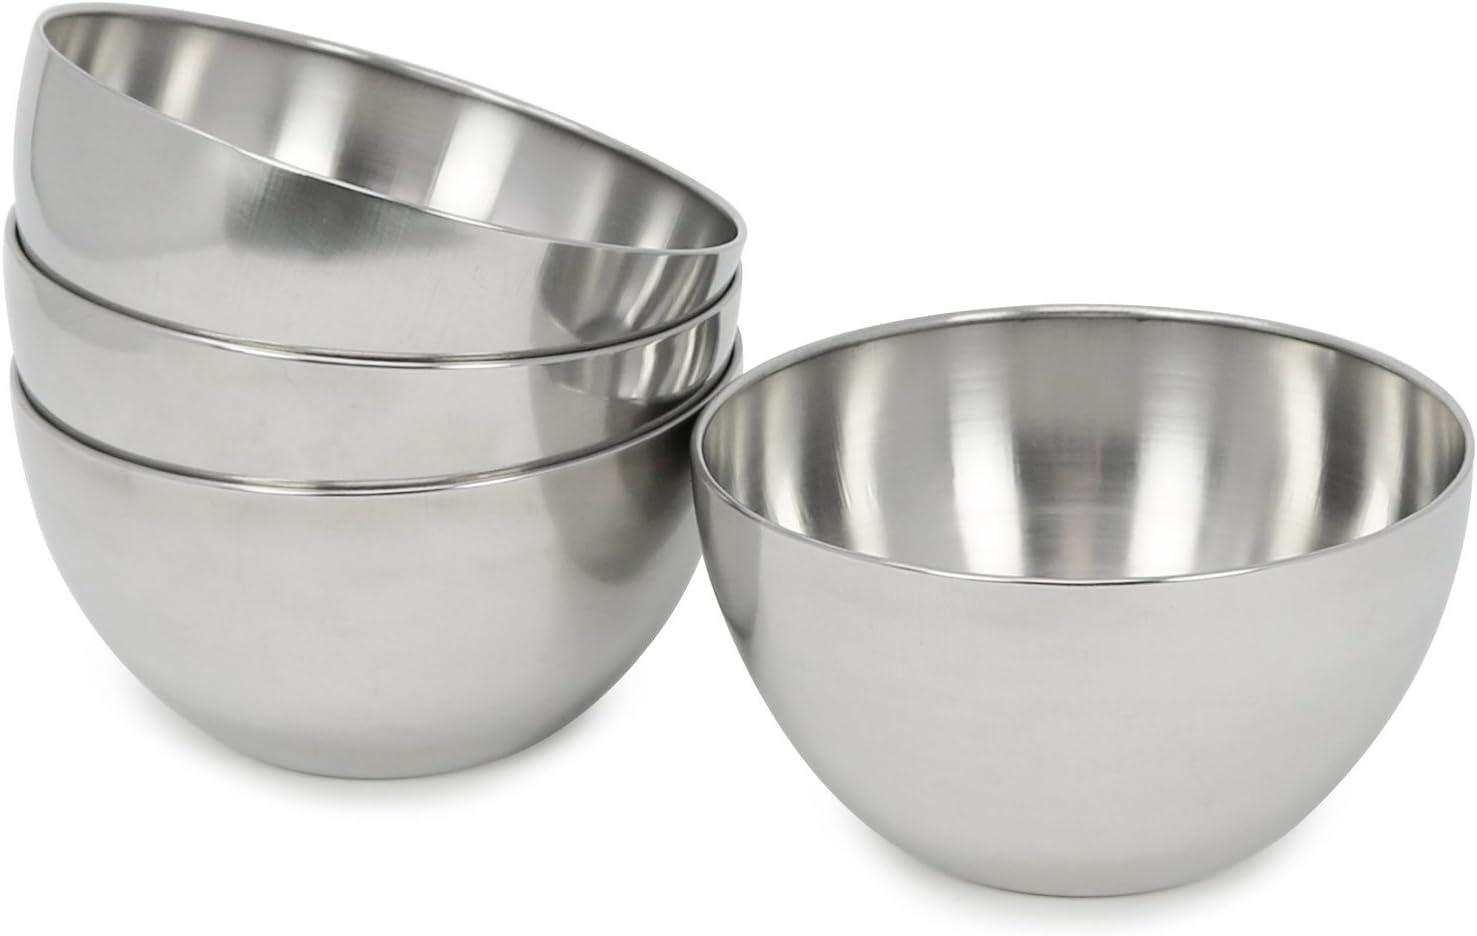 COM-FOUR® 4x Tazones nido - Tazones para mezclar - Tazones para servir - Tazones para bocadillos para salsas, bocadillos y postres Tazones de cocina para mezclar, hornear o cocinar (4 piezas - Ø 13cm)